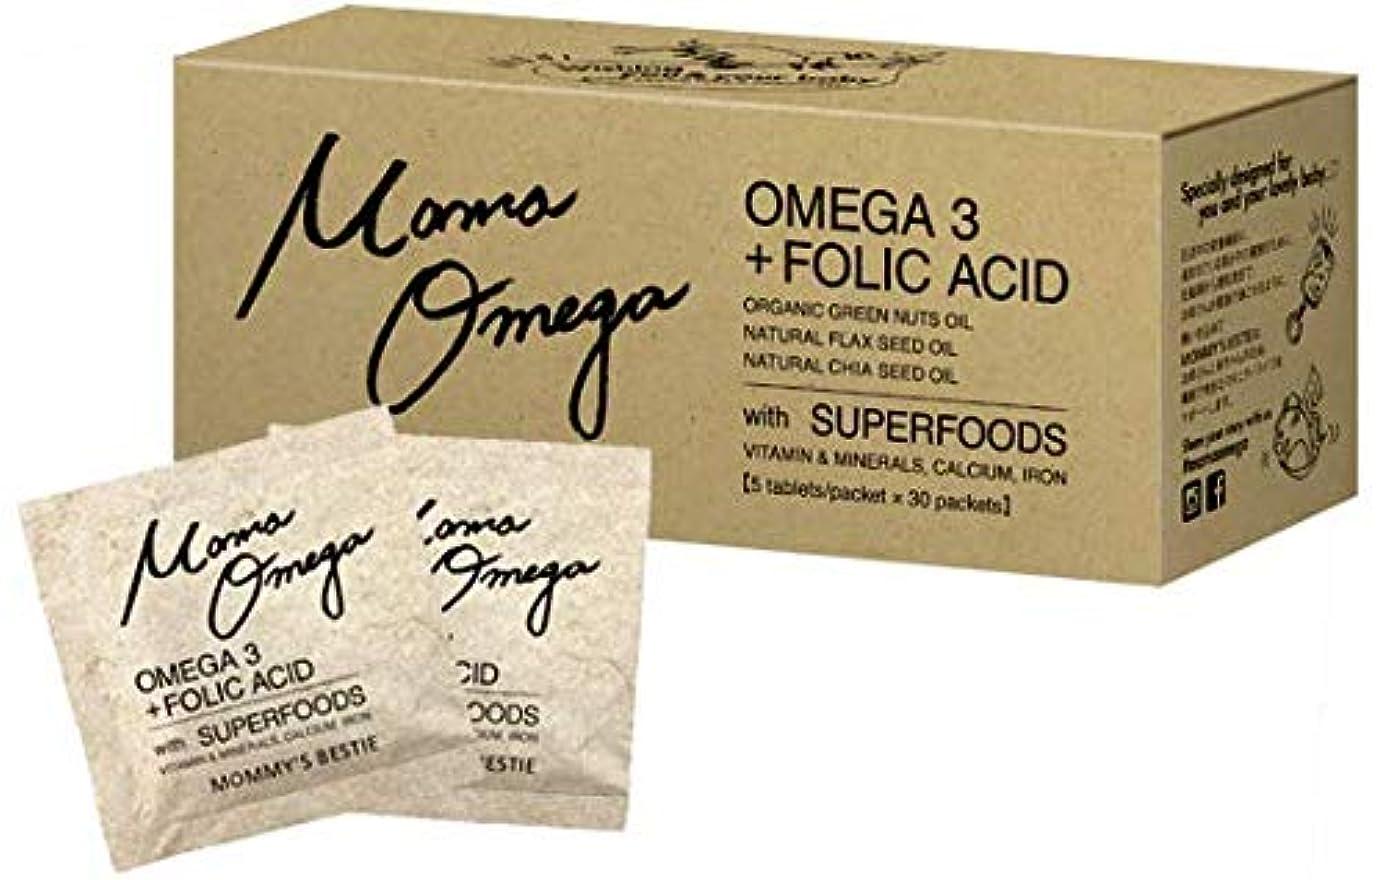 抽出二次ラップトップMama Omega ママオメガ 1か月分 30袋 葉酸 妊娠中でも飲める サプリ 元気な赤ちゃんとママのためのダブル処方! オメガ3